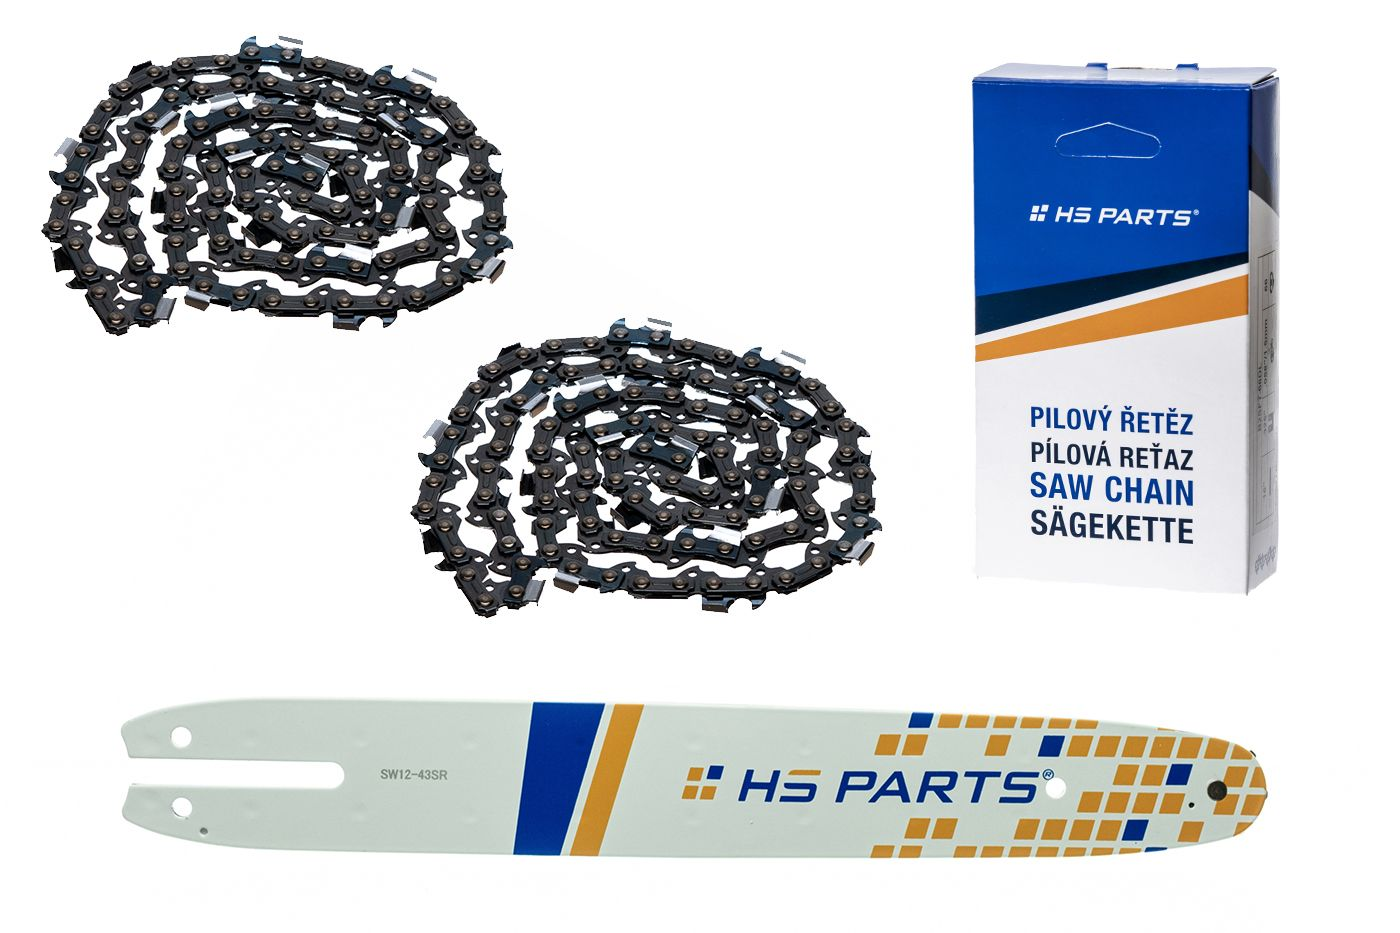 """HS PARTS Akčná súprava - vodiaca lišta 12"""" (30 cm) 3/8"""" .043"""" (1,1 mm) + 2 x pílový reťaz 44 čl."""